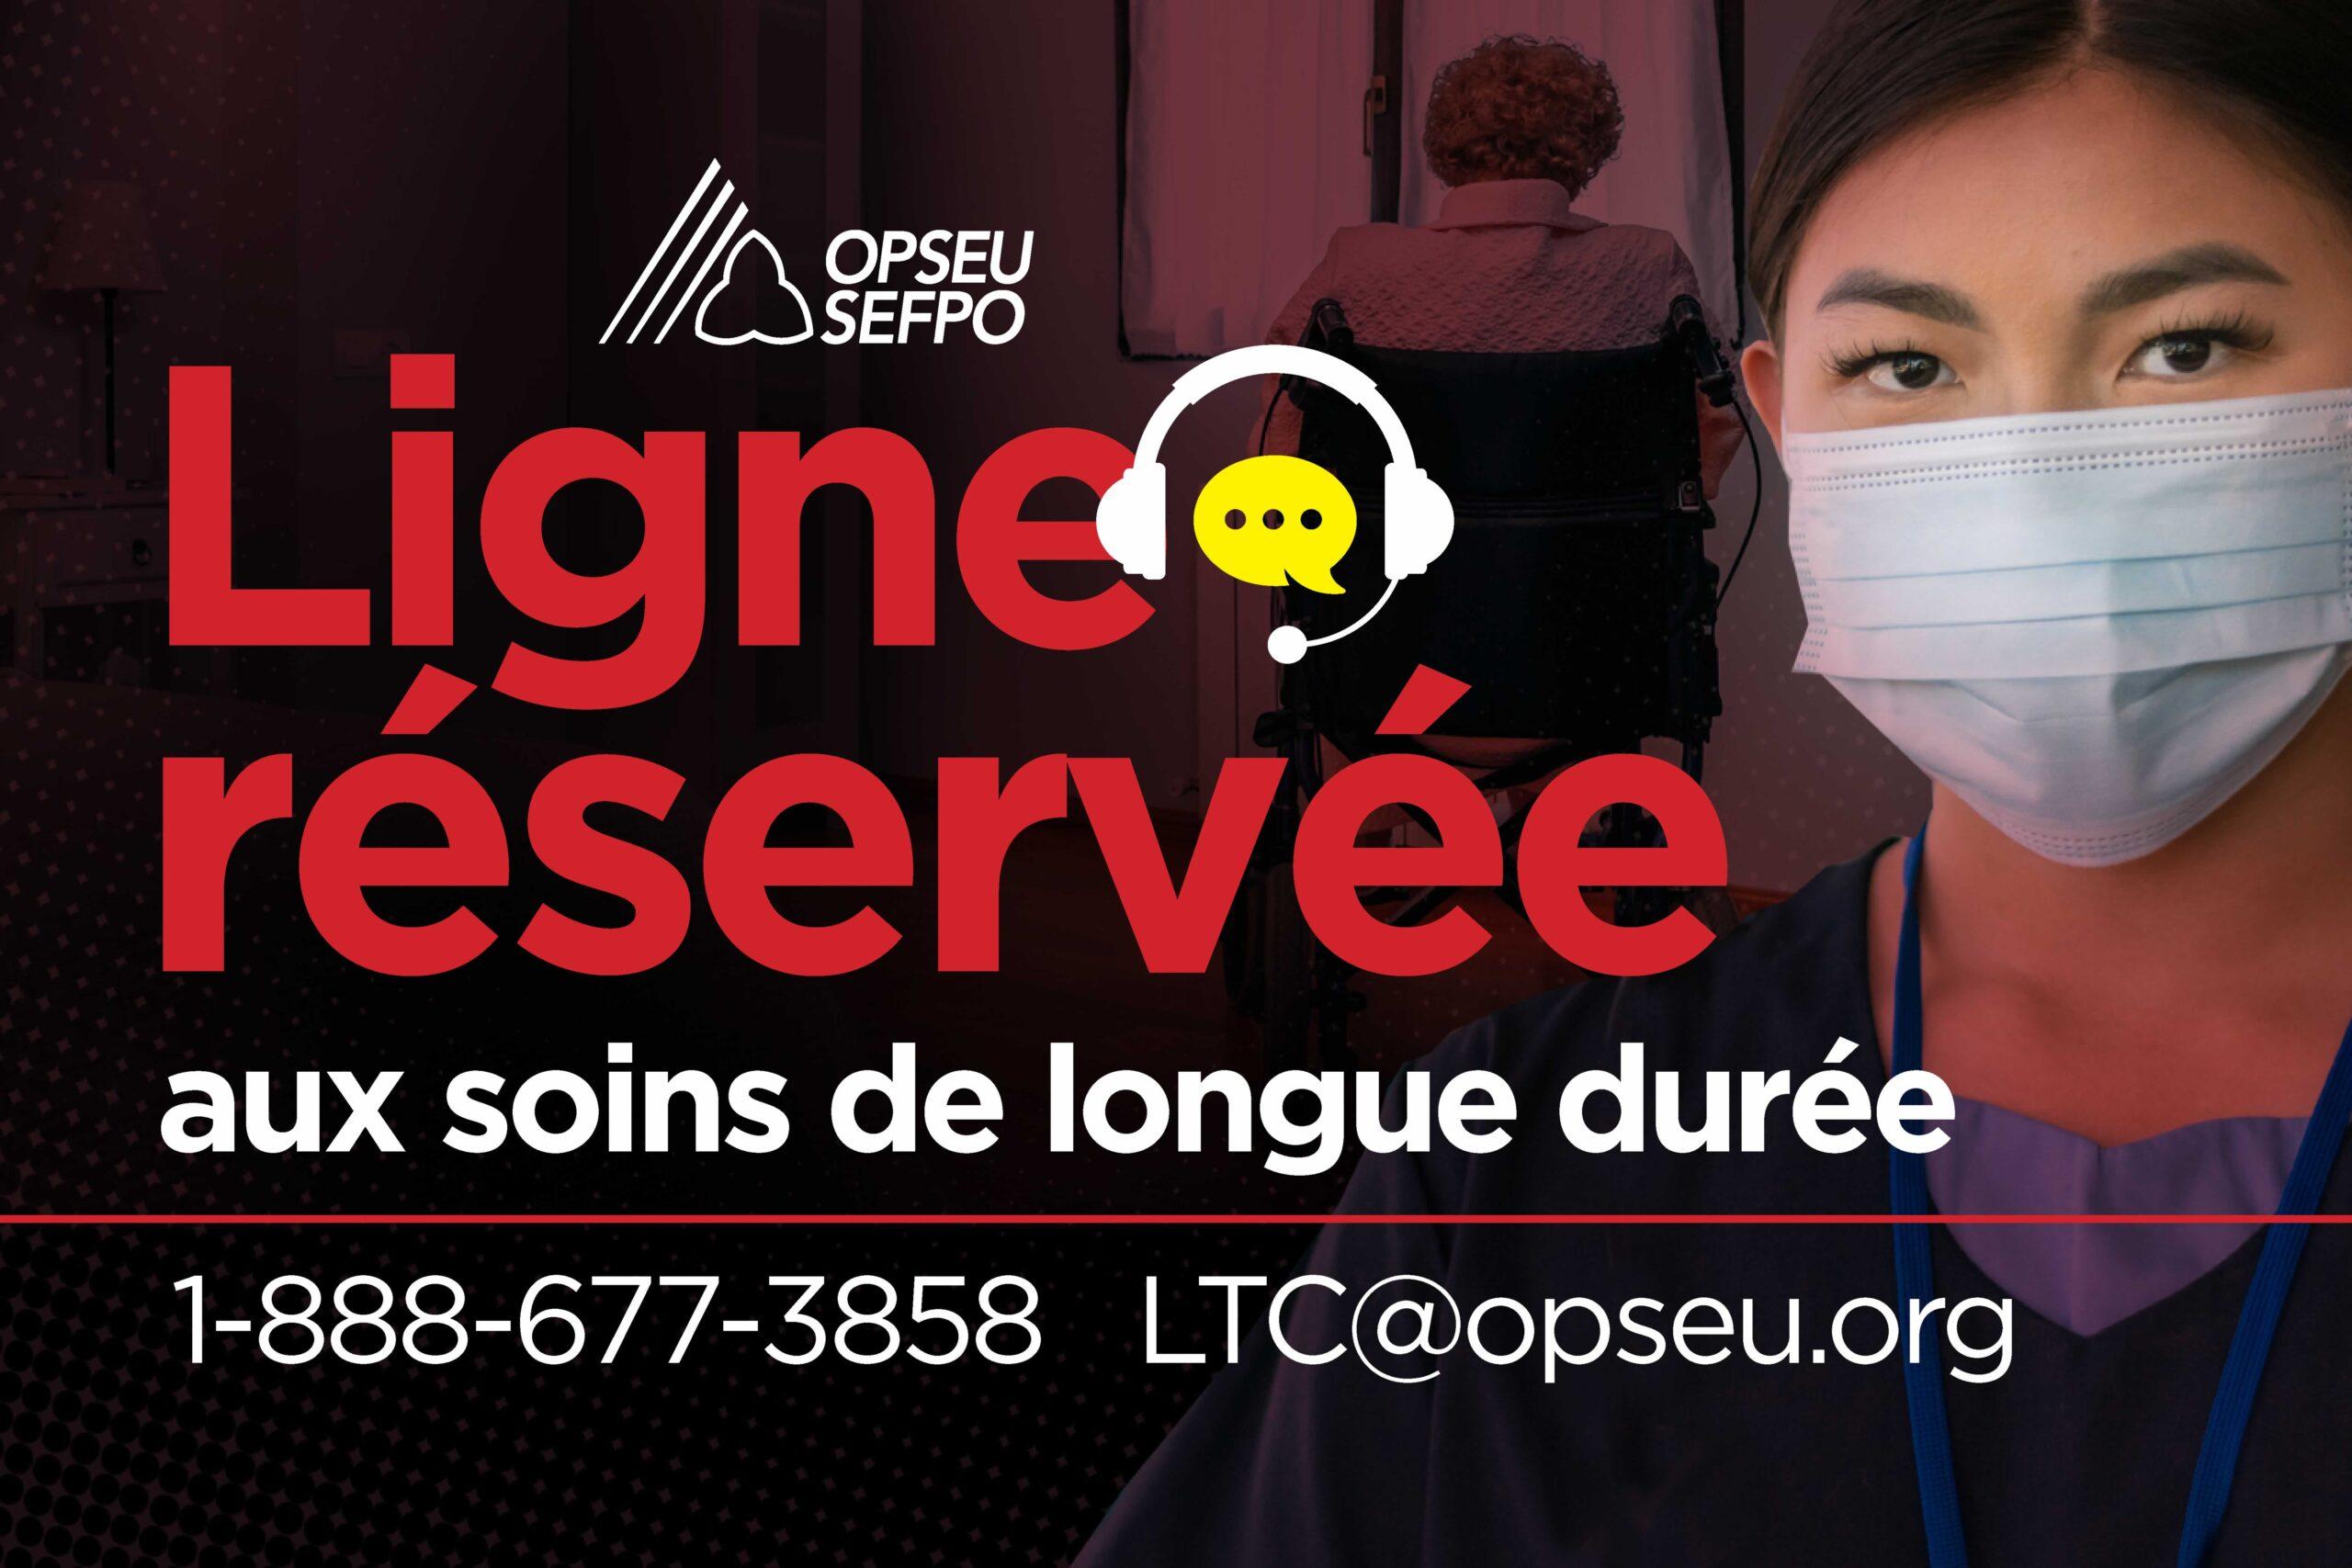 Ligne reservee aux soins de longue duree 18886773858